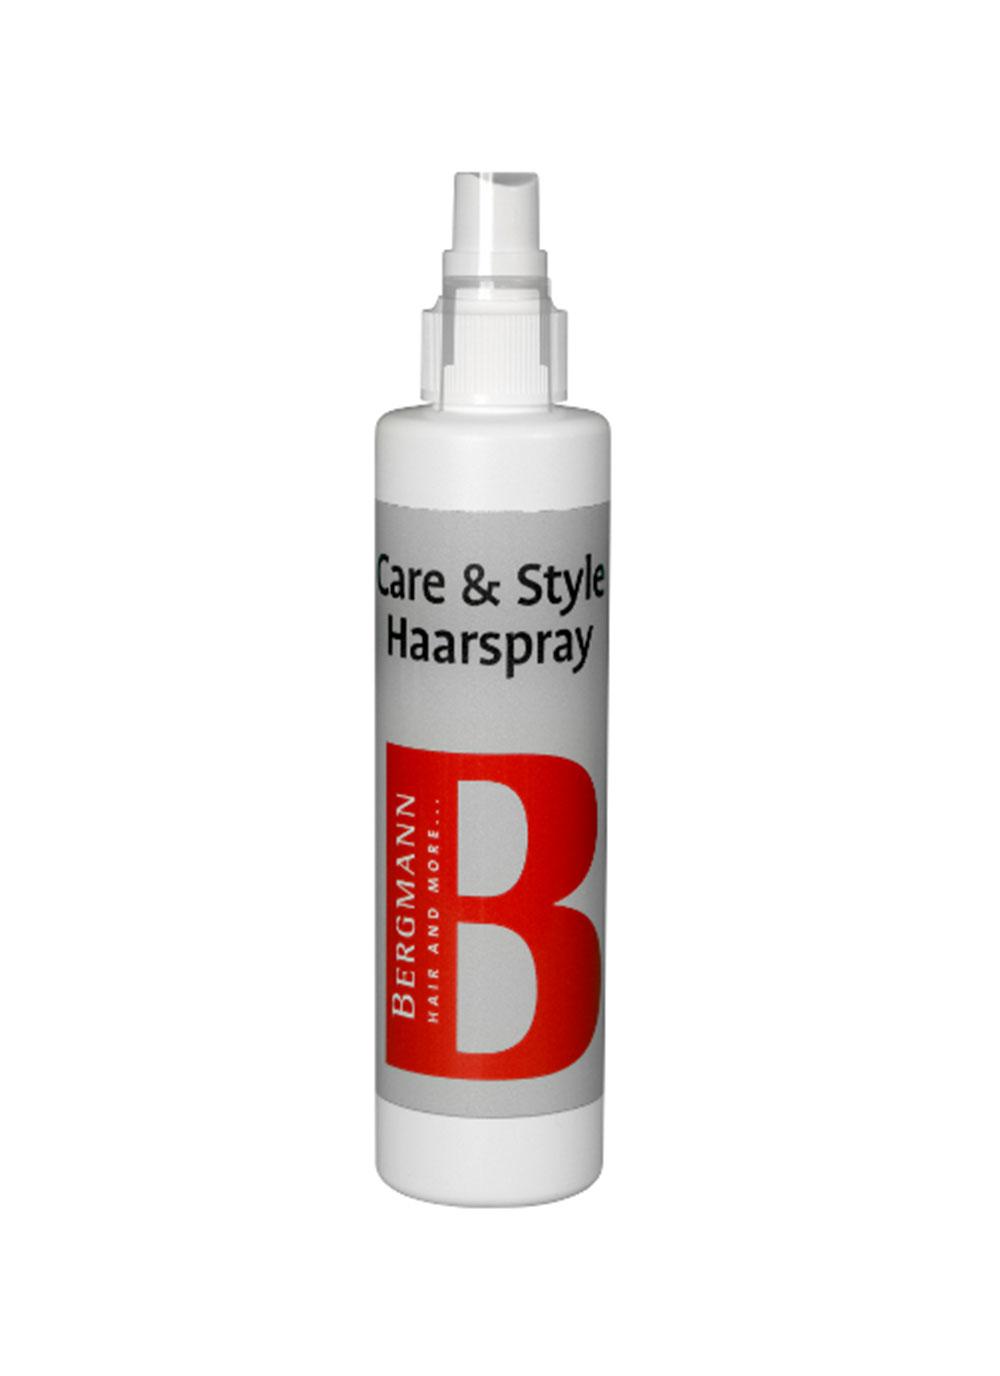 Bergmann Zubehör - Care & Style Haarspray 200ml